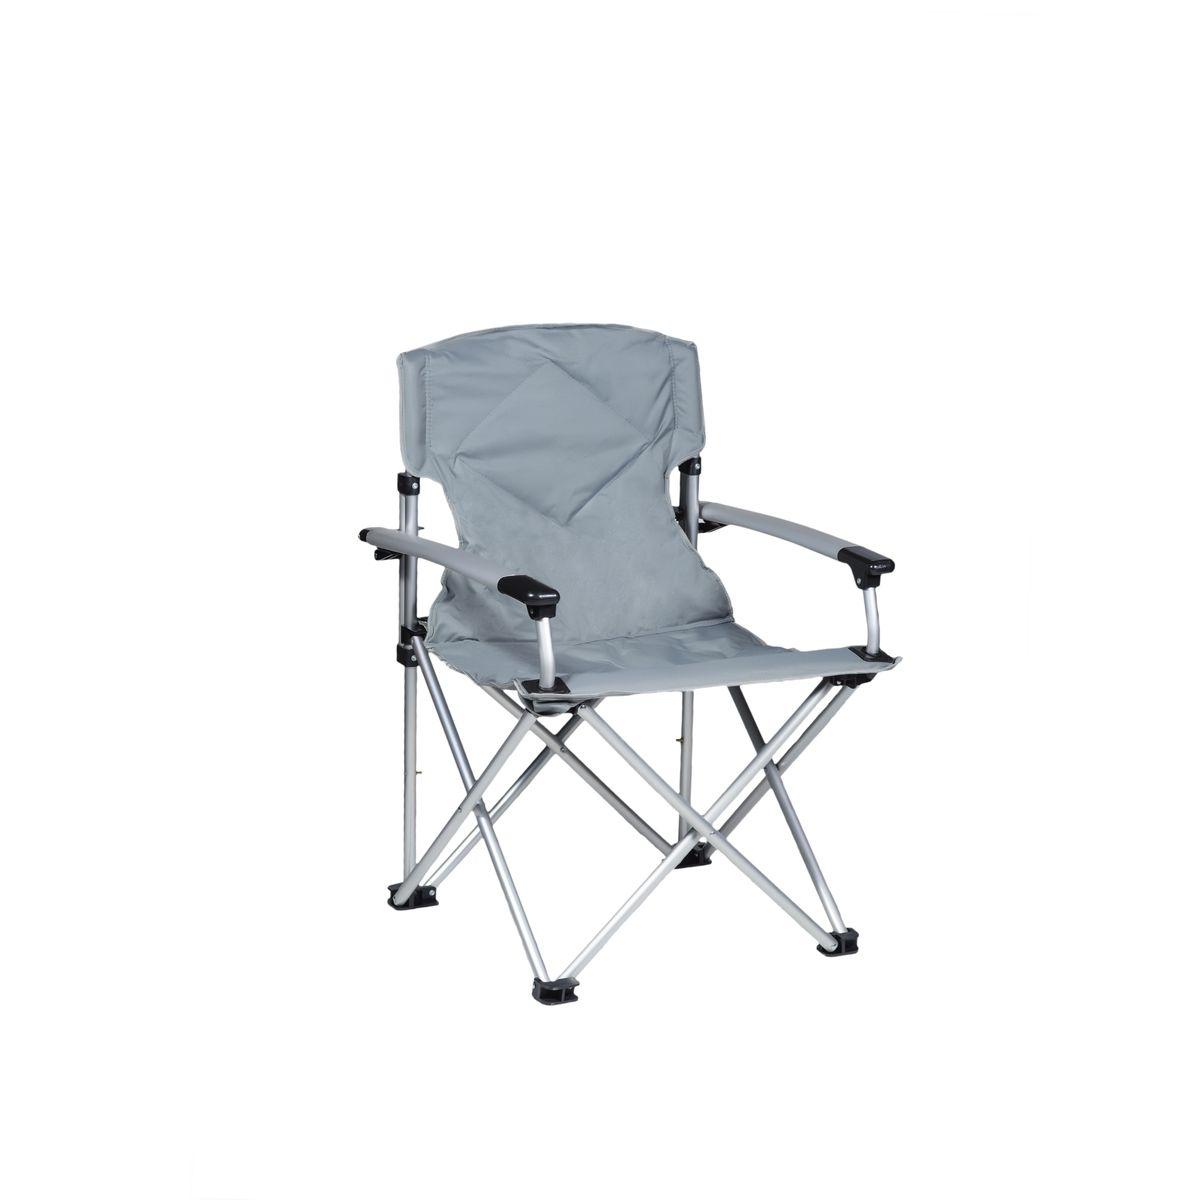 Кресло складное Green Glade M2306, 65 см х 66 см х 95 смМ2306Складное кресло Green Glade M2306 предназначено для создания комфортных условий в туристических походах, рыбалке и кемпинге. Особенности: Компактная складная конструкция. Прочный стальной каркас 25/21,5 мм. Прочный полиэстер + ПВХ с набивкой из пеноматериала. Пластиковые подлокотники. Чехол для переноски и хранения.